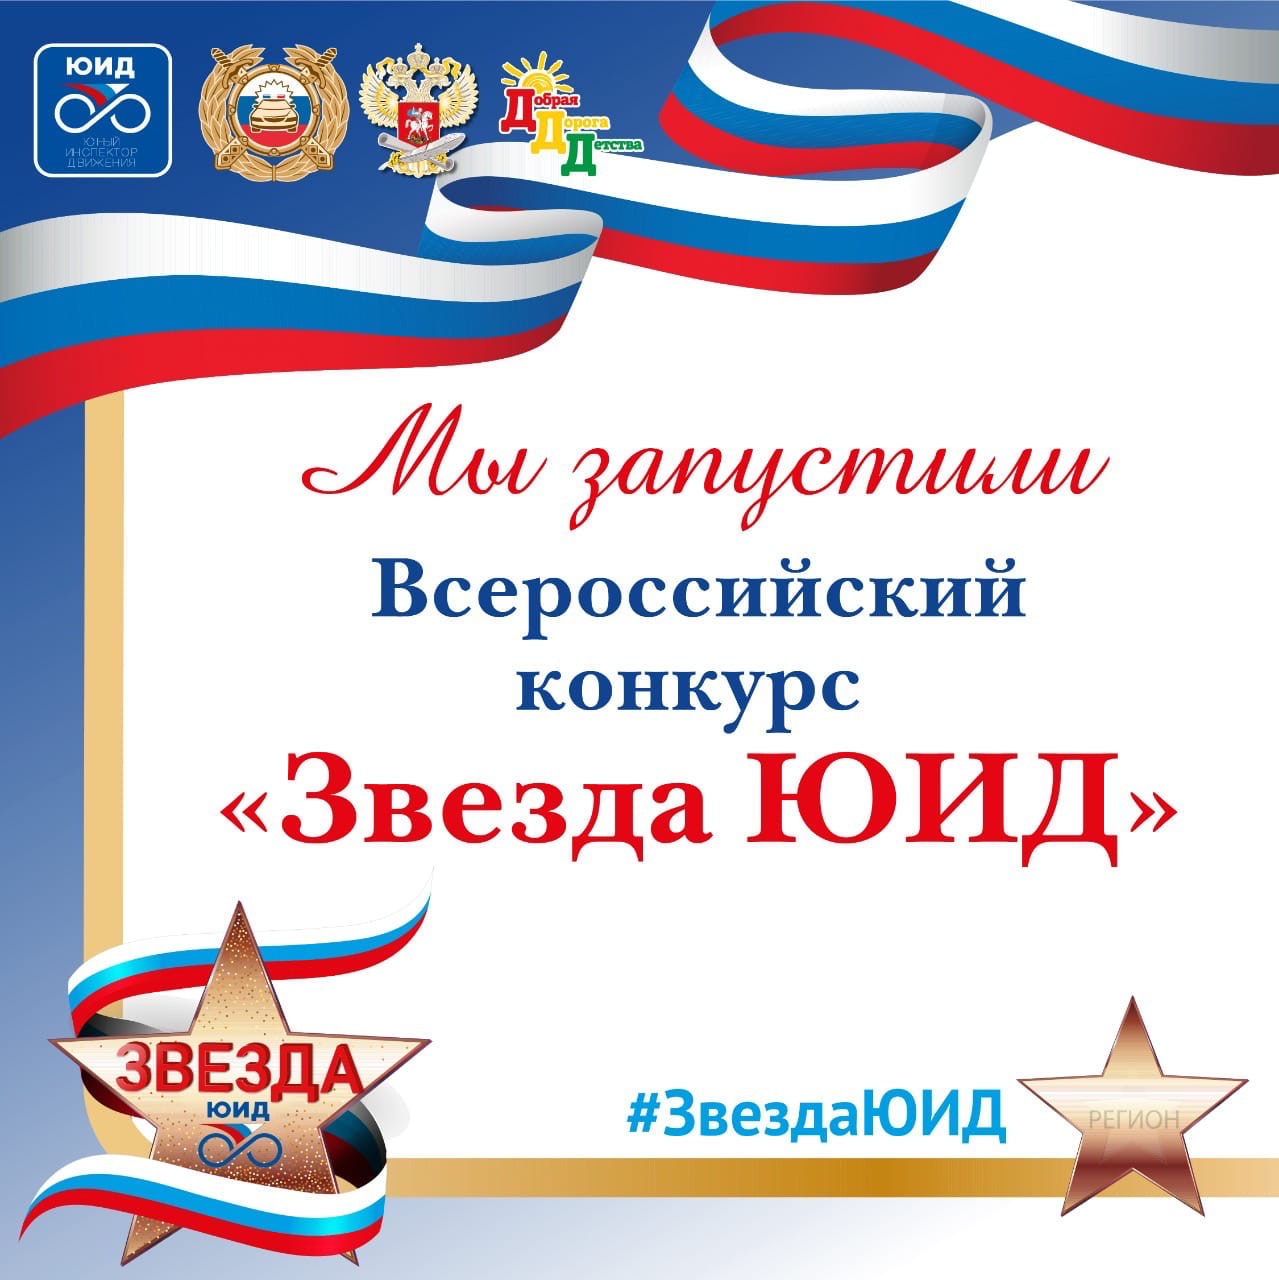 Объявляется старт Всероссийского конкурса «Звезда ЮИД»!